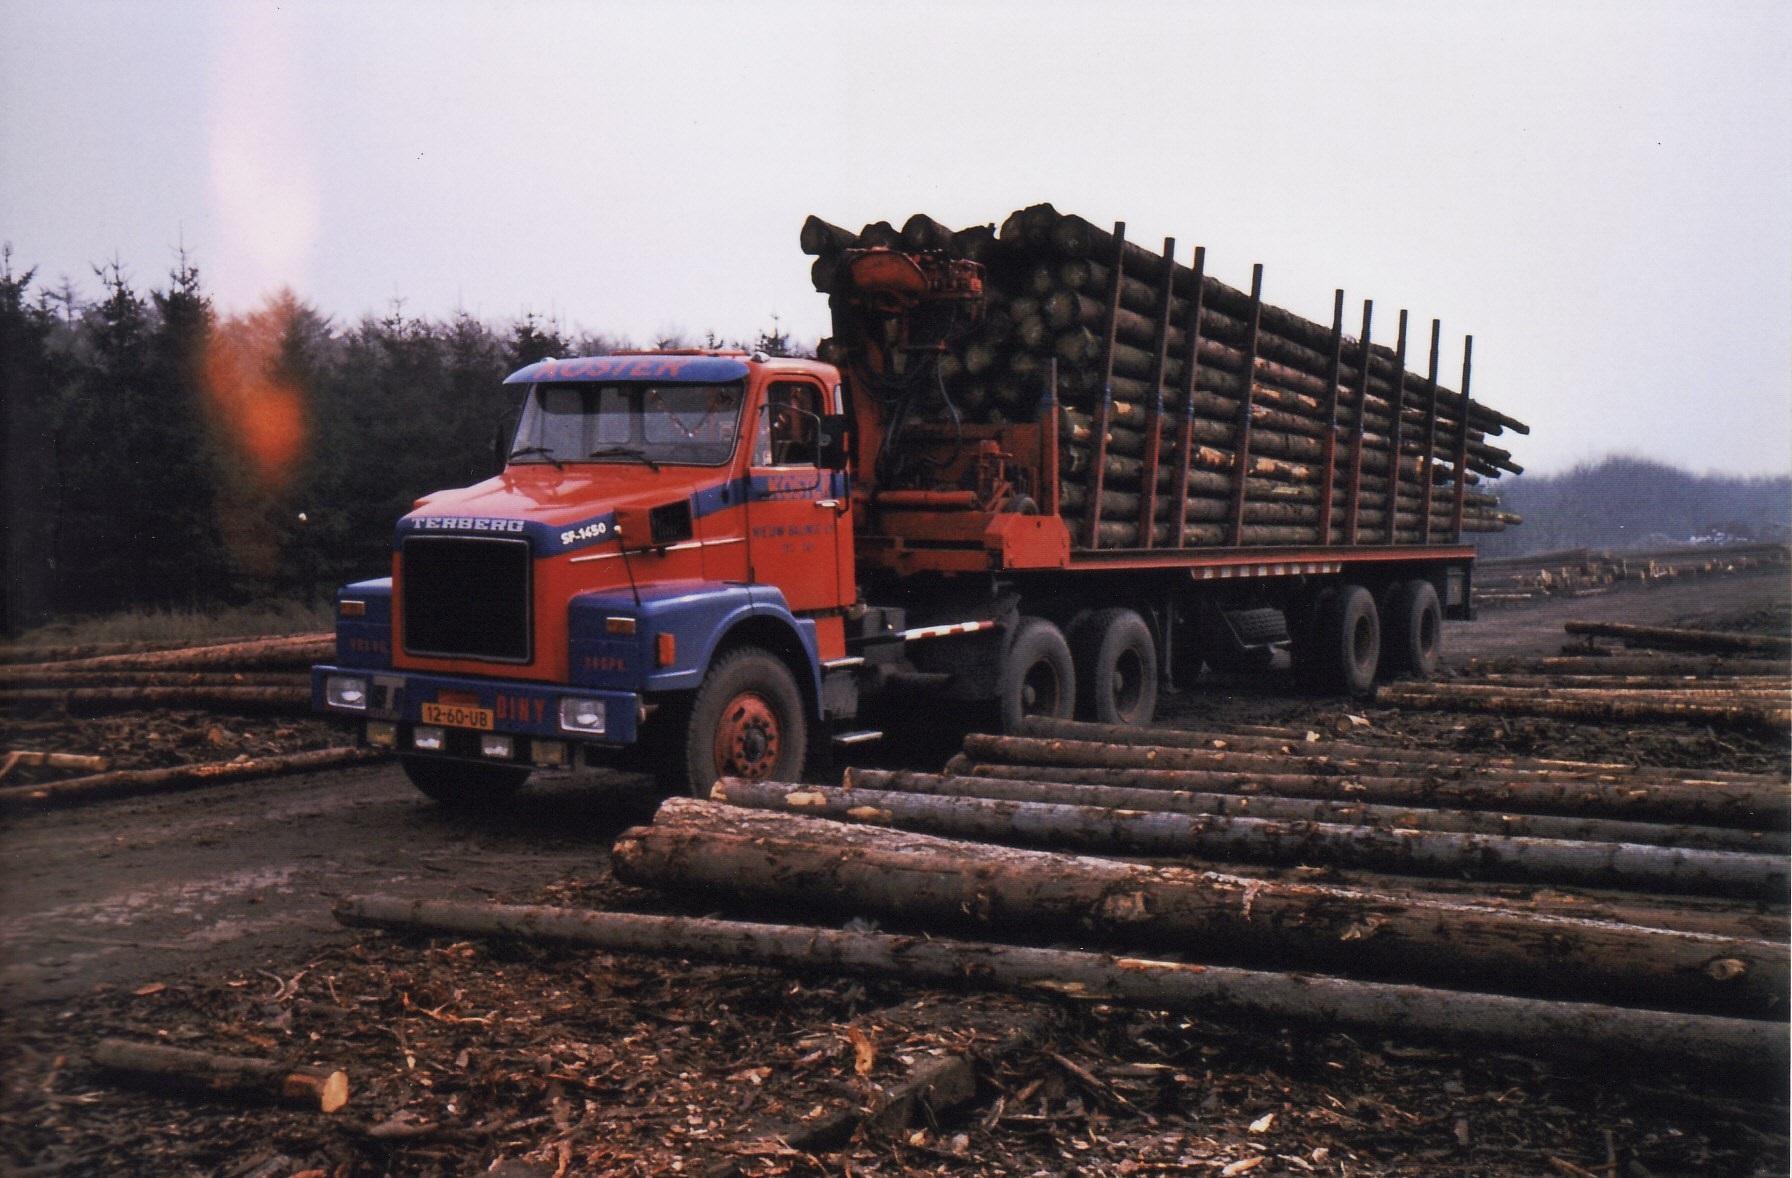 0-14--Terberg-SF-1450-Geladen-met-meterhout-4